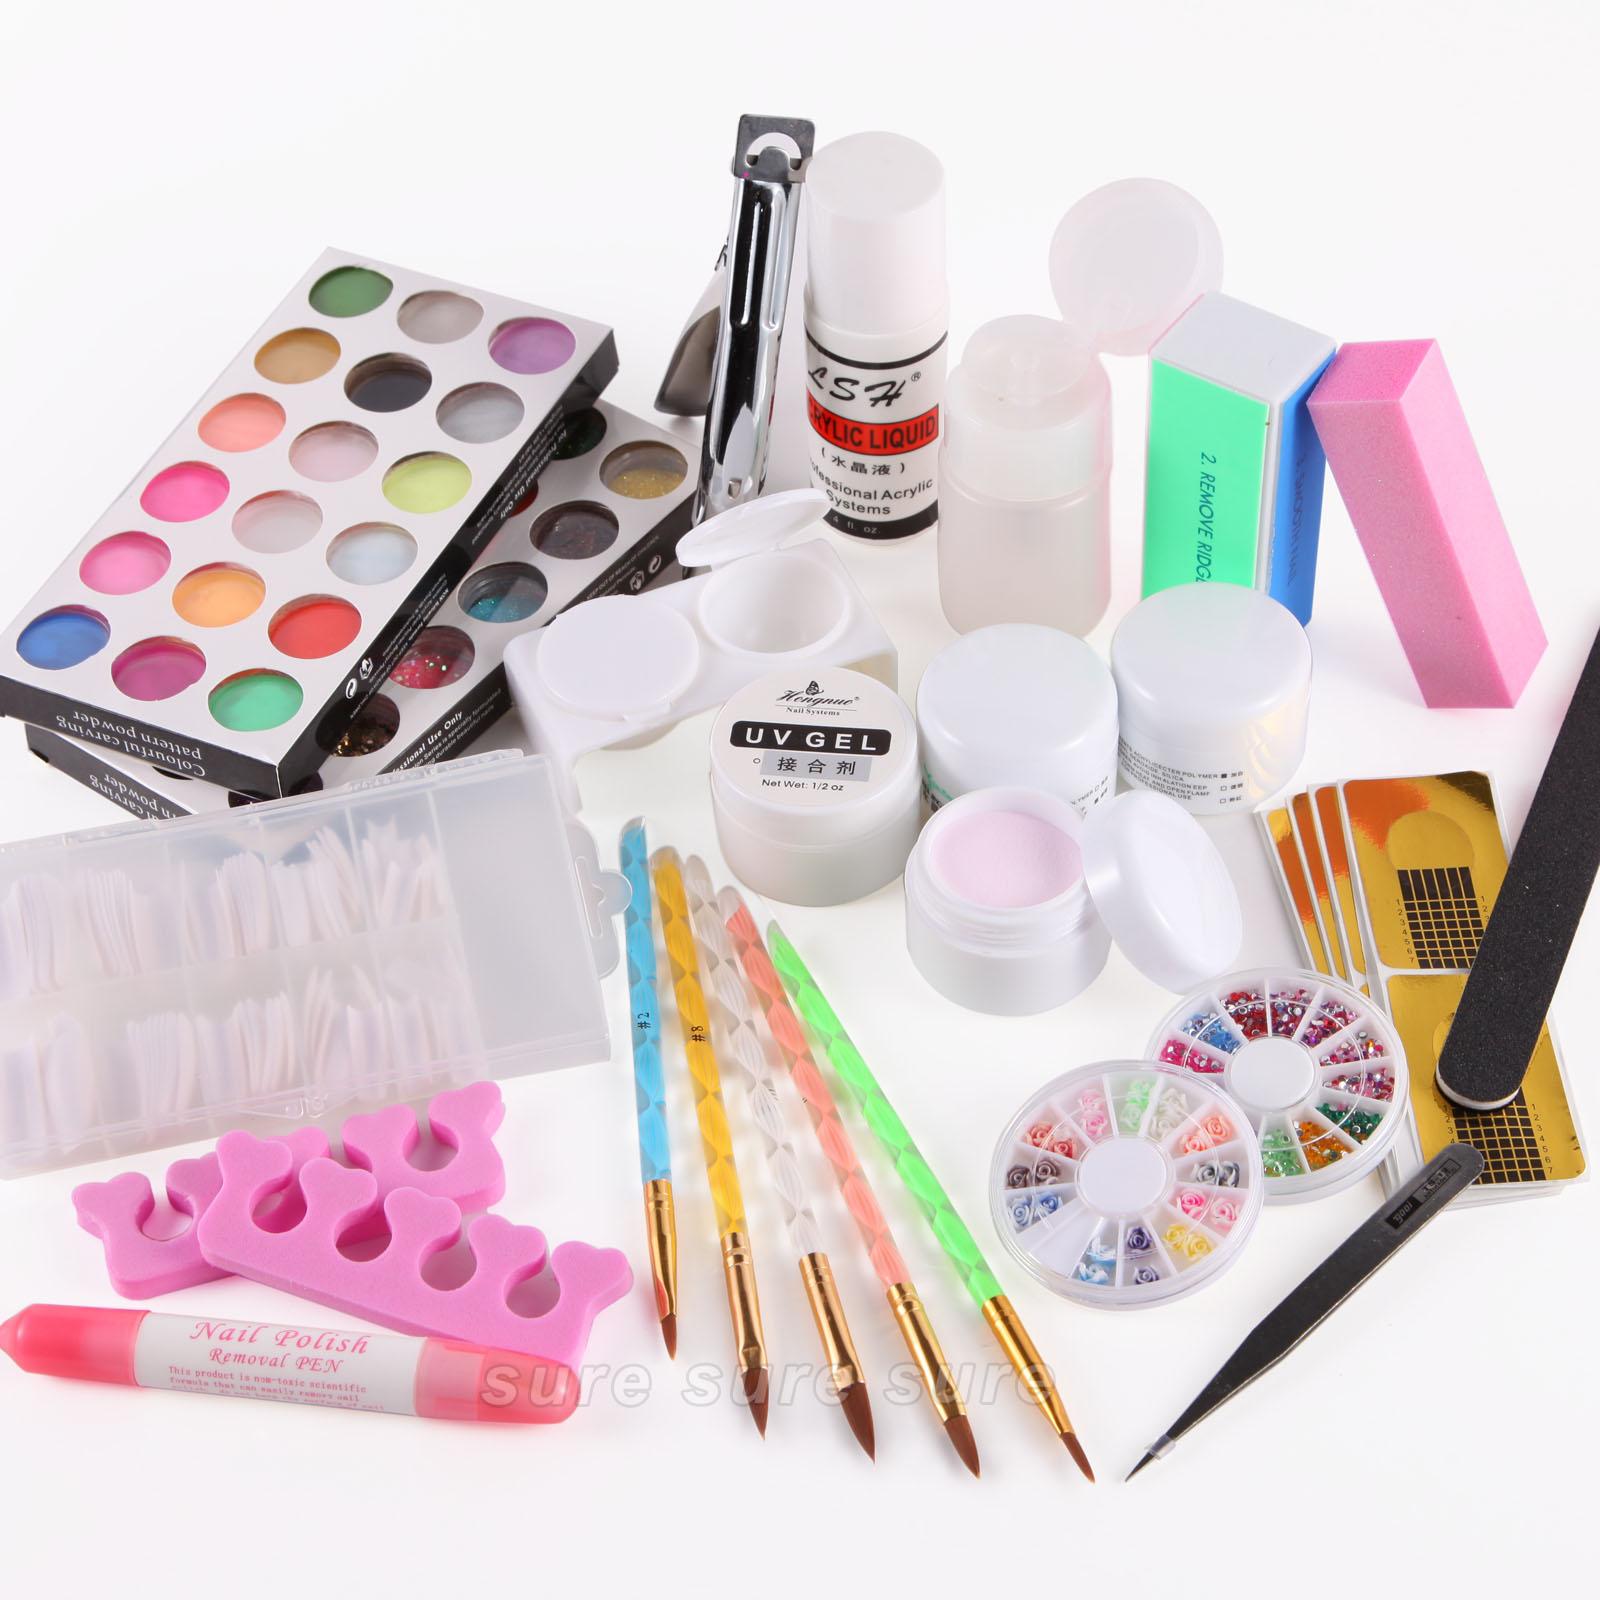 kit d'ongle en resine